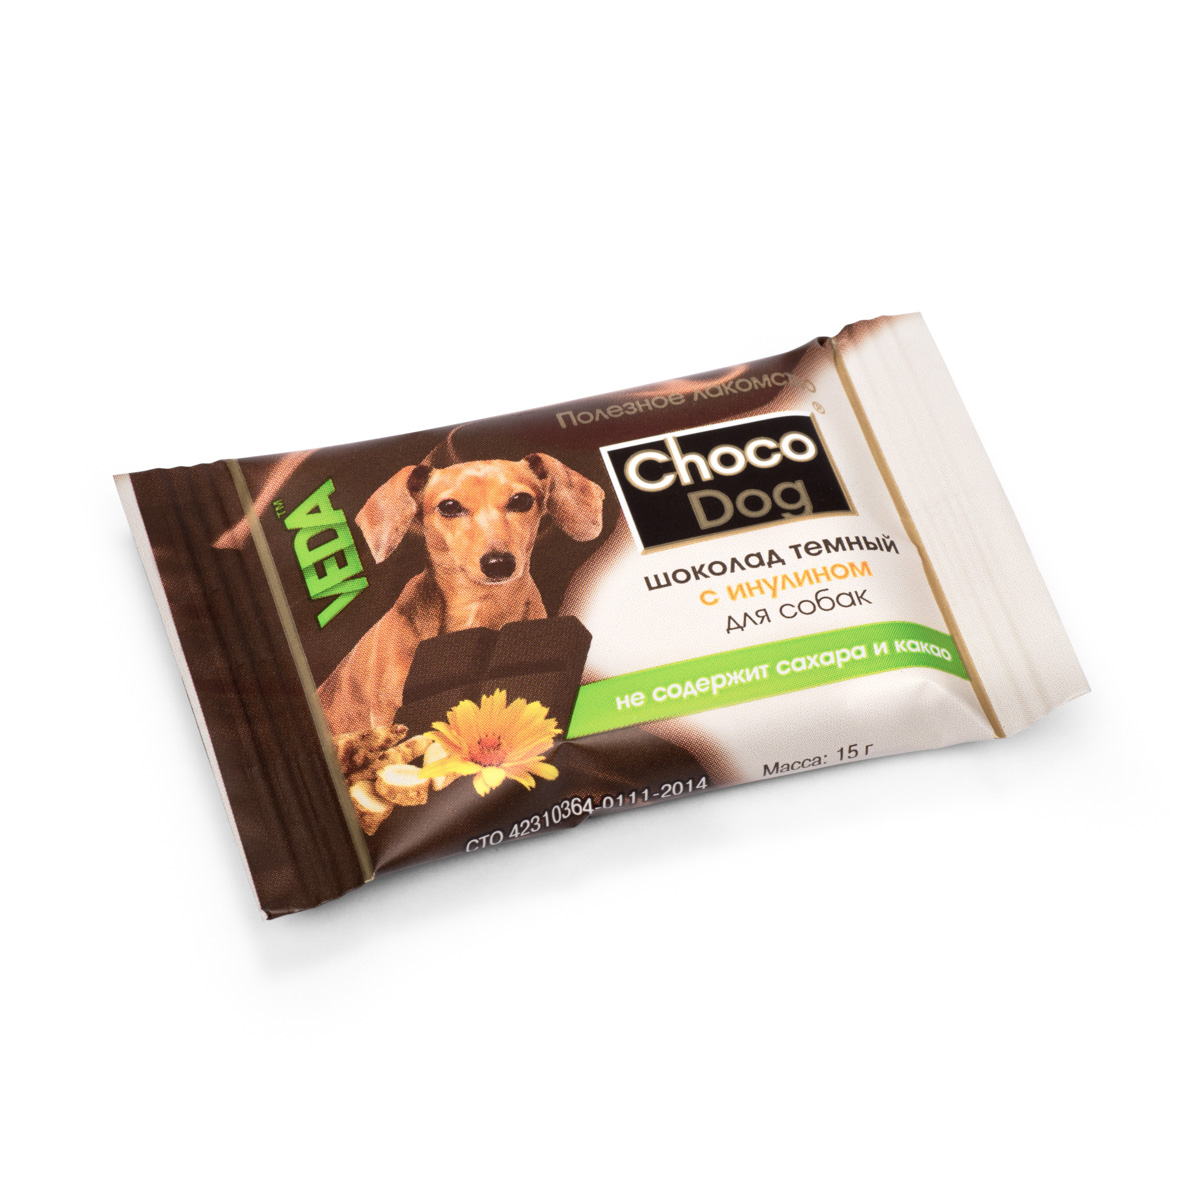 Лакомство для собак VEDA Choco Dog, темный шоколад с инулином, 15 г4605543006579Лакомство для собак VEDA Choco Dog представляет собой дополнительный функциональный корм для непродуктивных животных, предназначенный для использования в качестве лакомства с целью поощрения и дрессуры животных. Сладкое лакомство для собак, обогащённое полезным наполнителем.Инулин обладает пребиотическими свойствами, а значит способствует поддержанию здоровой микрофлоры кишечника животного. Его присутствие в составе обогащает любой продукт.Состав, энергетическая и пищевая ценность: заменитель масла какао, лактоза, порошок плодов рожкового дерева, сухая молочная сыворотка, инулин, чёрный альбумин, лецитин, стевиозид, пищевой ароматизатор. Пищевая ценность в 100 г: белки 3,5 г, жиры 40 г, углеводы 50 г.Энергетическая ценность в 100 г: 560 ккал.Товар сертифицирован.